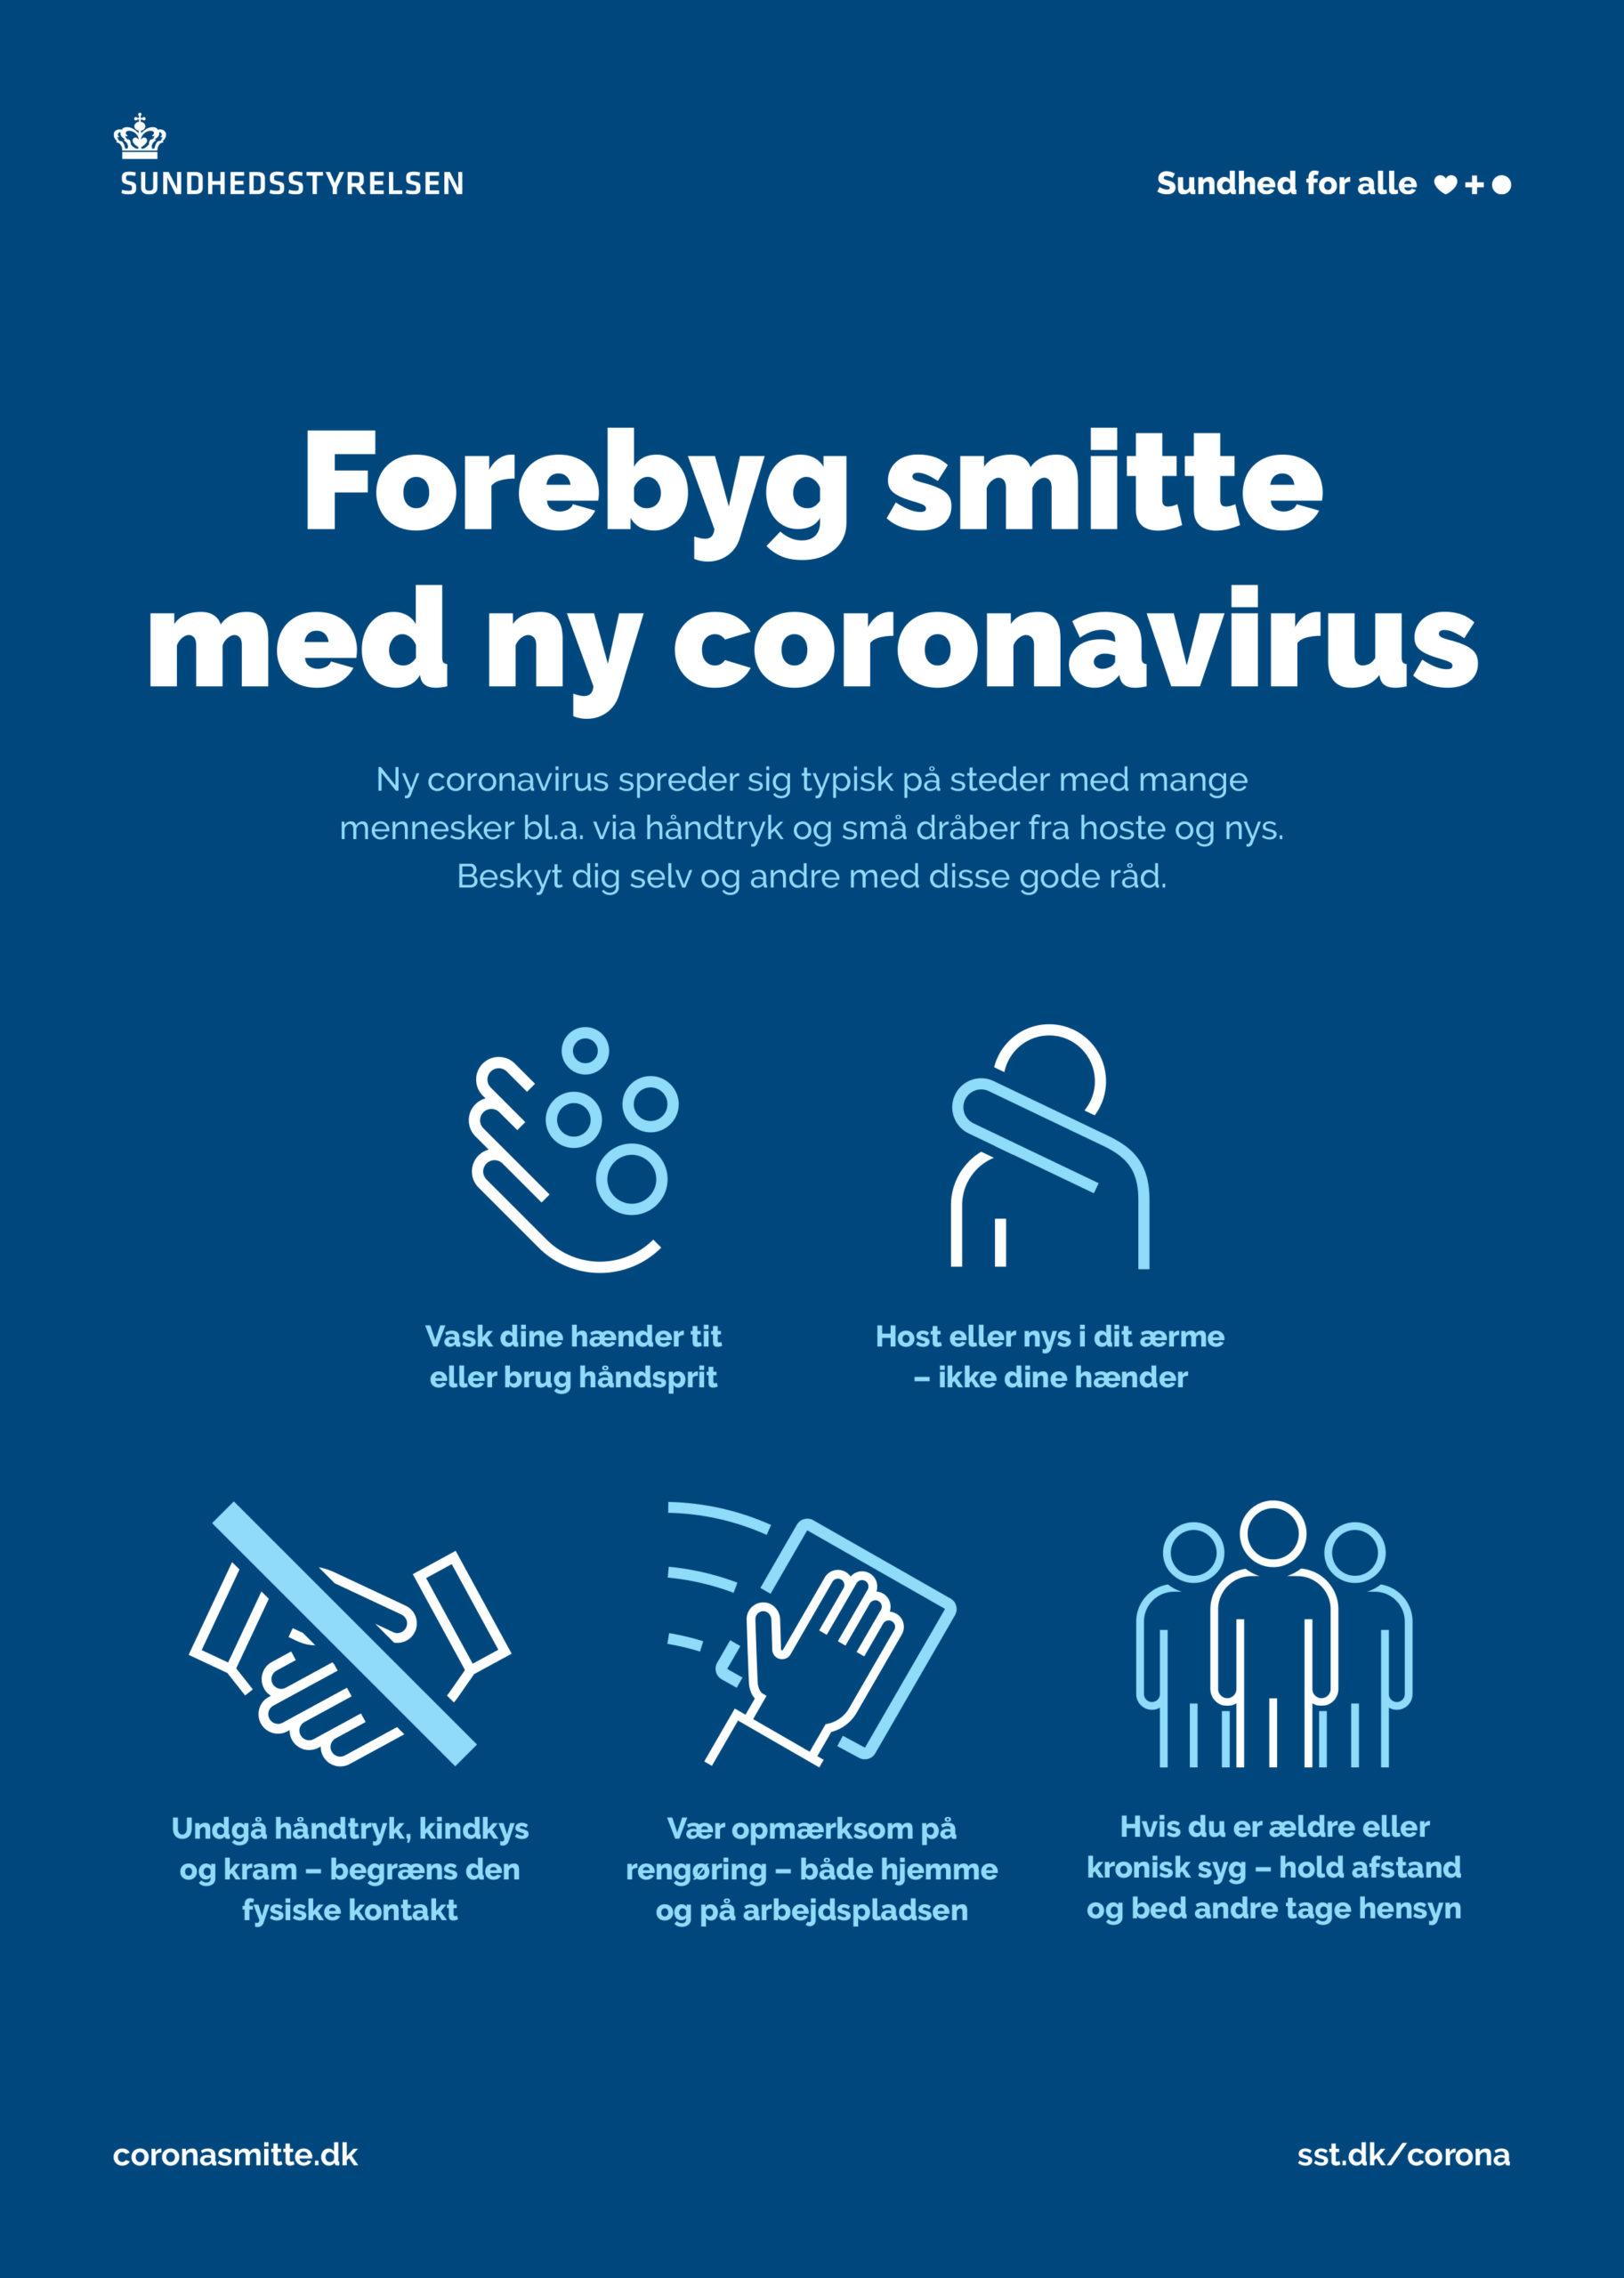 Forebyg smitte med corona virus